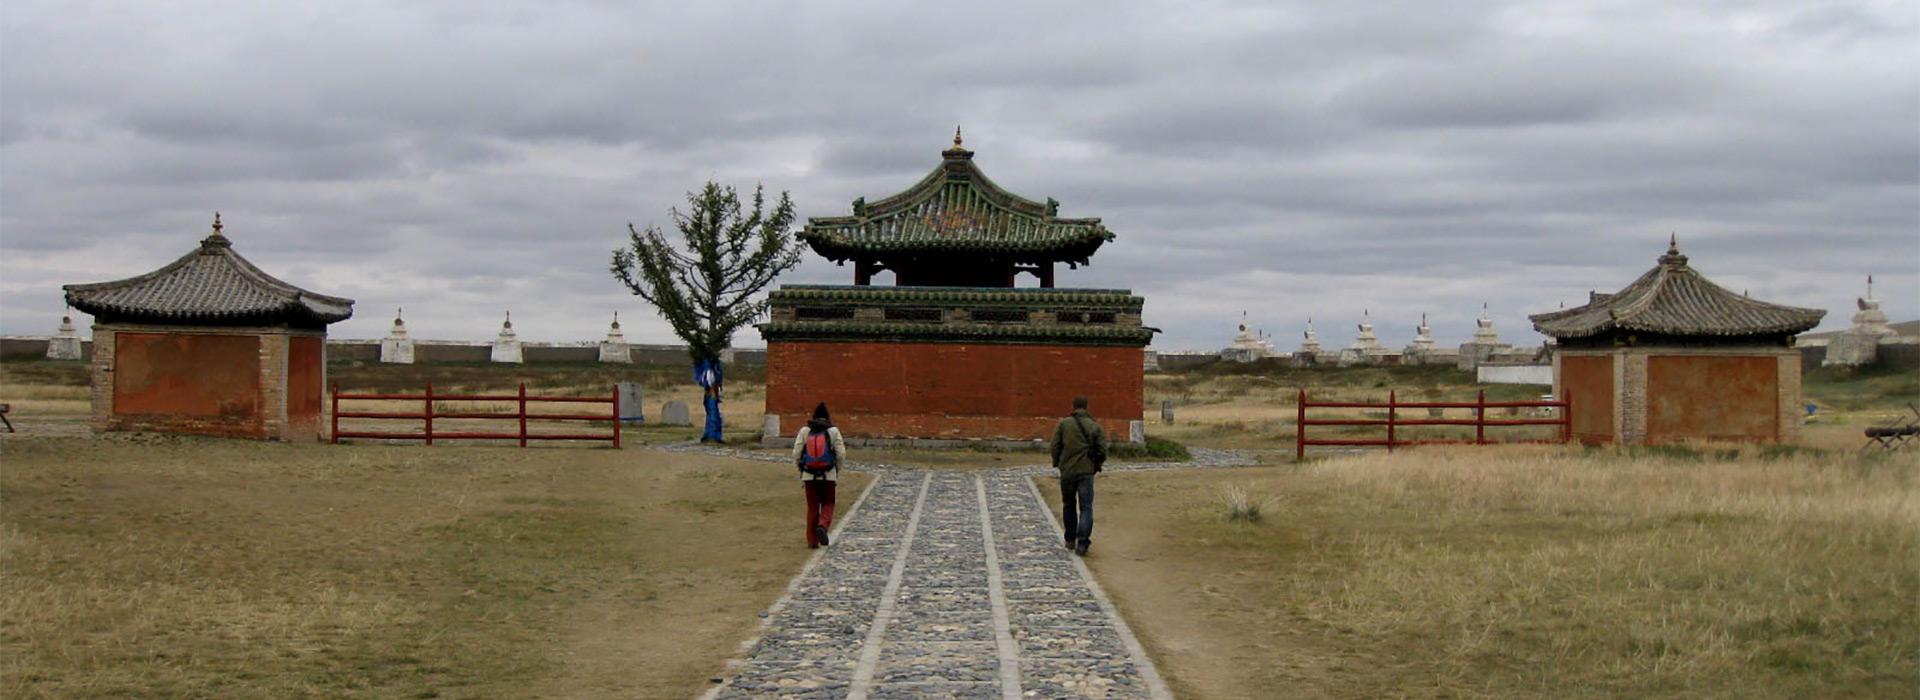 Travel to Mongolian Gobi Desert | Mongolian Cultural Tours